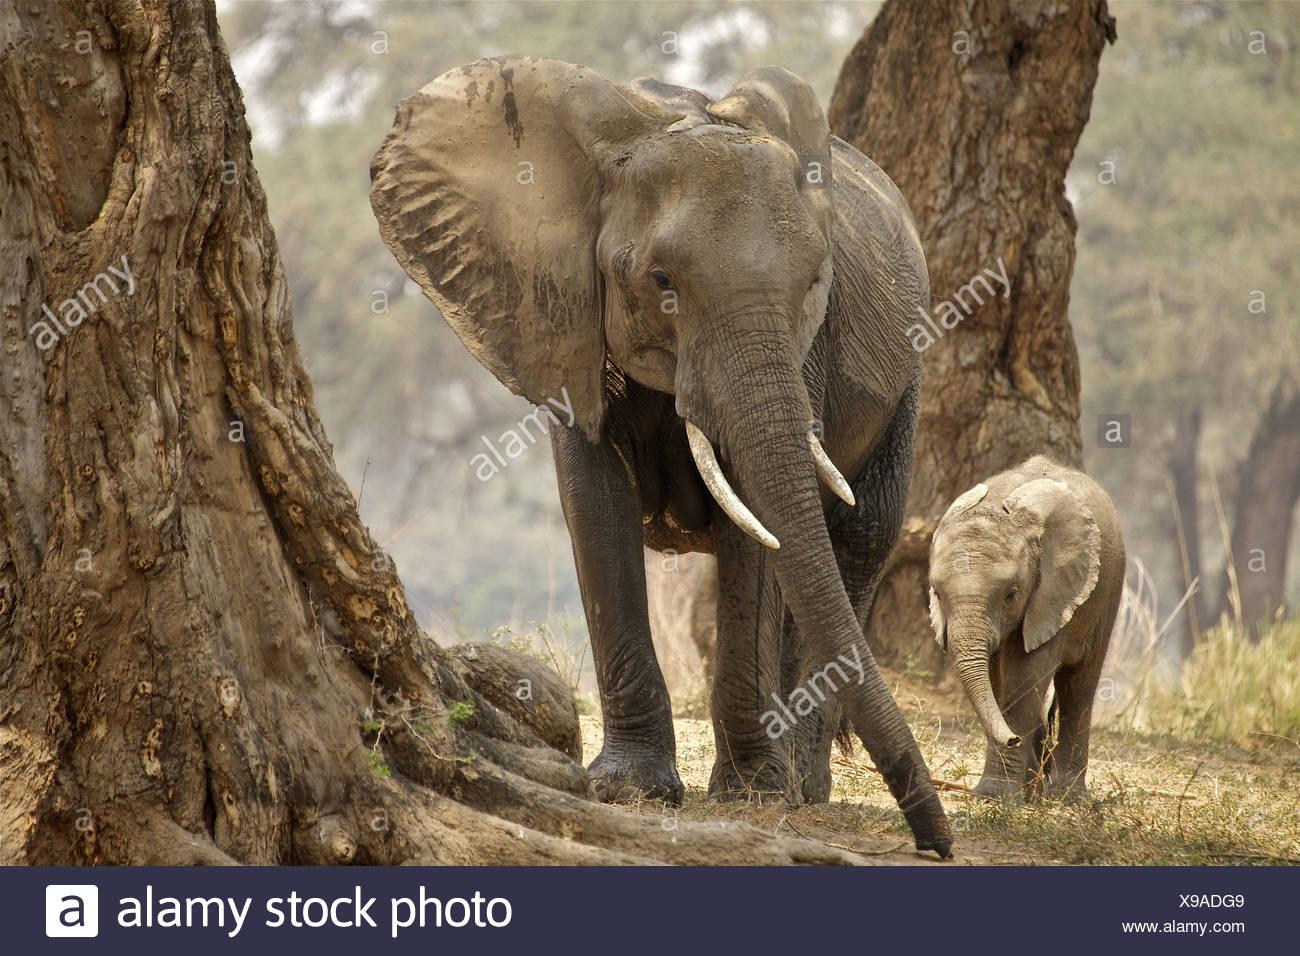 African Bush Elephant (Loxodonta Africana) mother and baby in wood, Mana Pools National Park, Zimbabwe Stock Photo